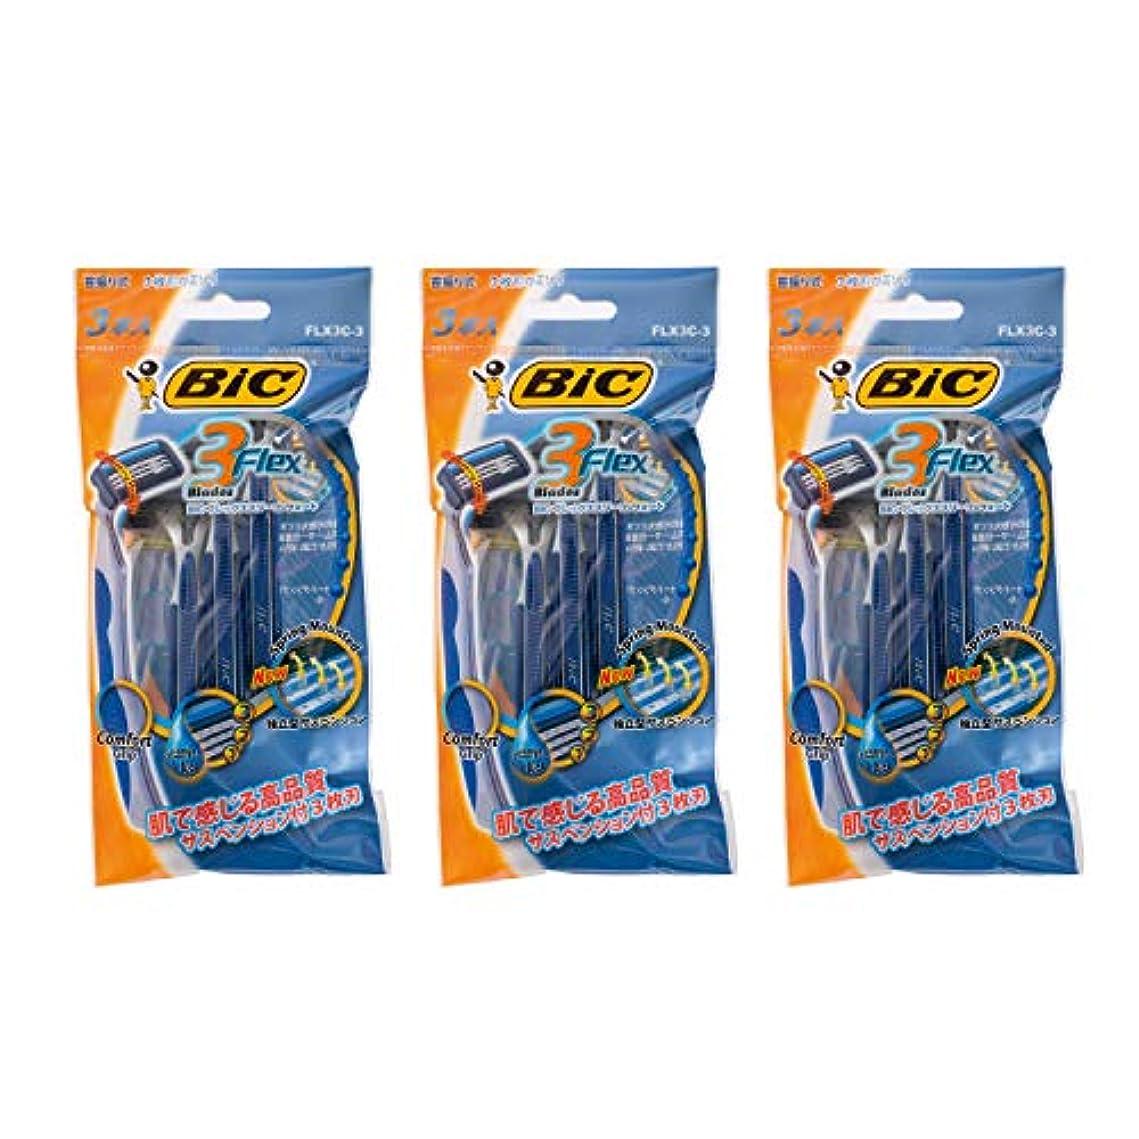 水曜日保証する上にビック BIC フレックス3 コンフォート3本入 x 3パック(9本) FLEX3 3枚刃 使い捨てカミソリ 首振り サスペンション ディスポ